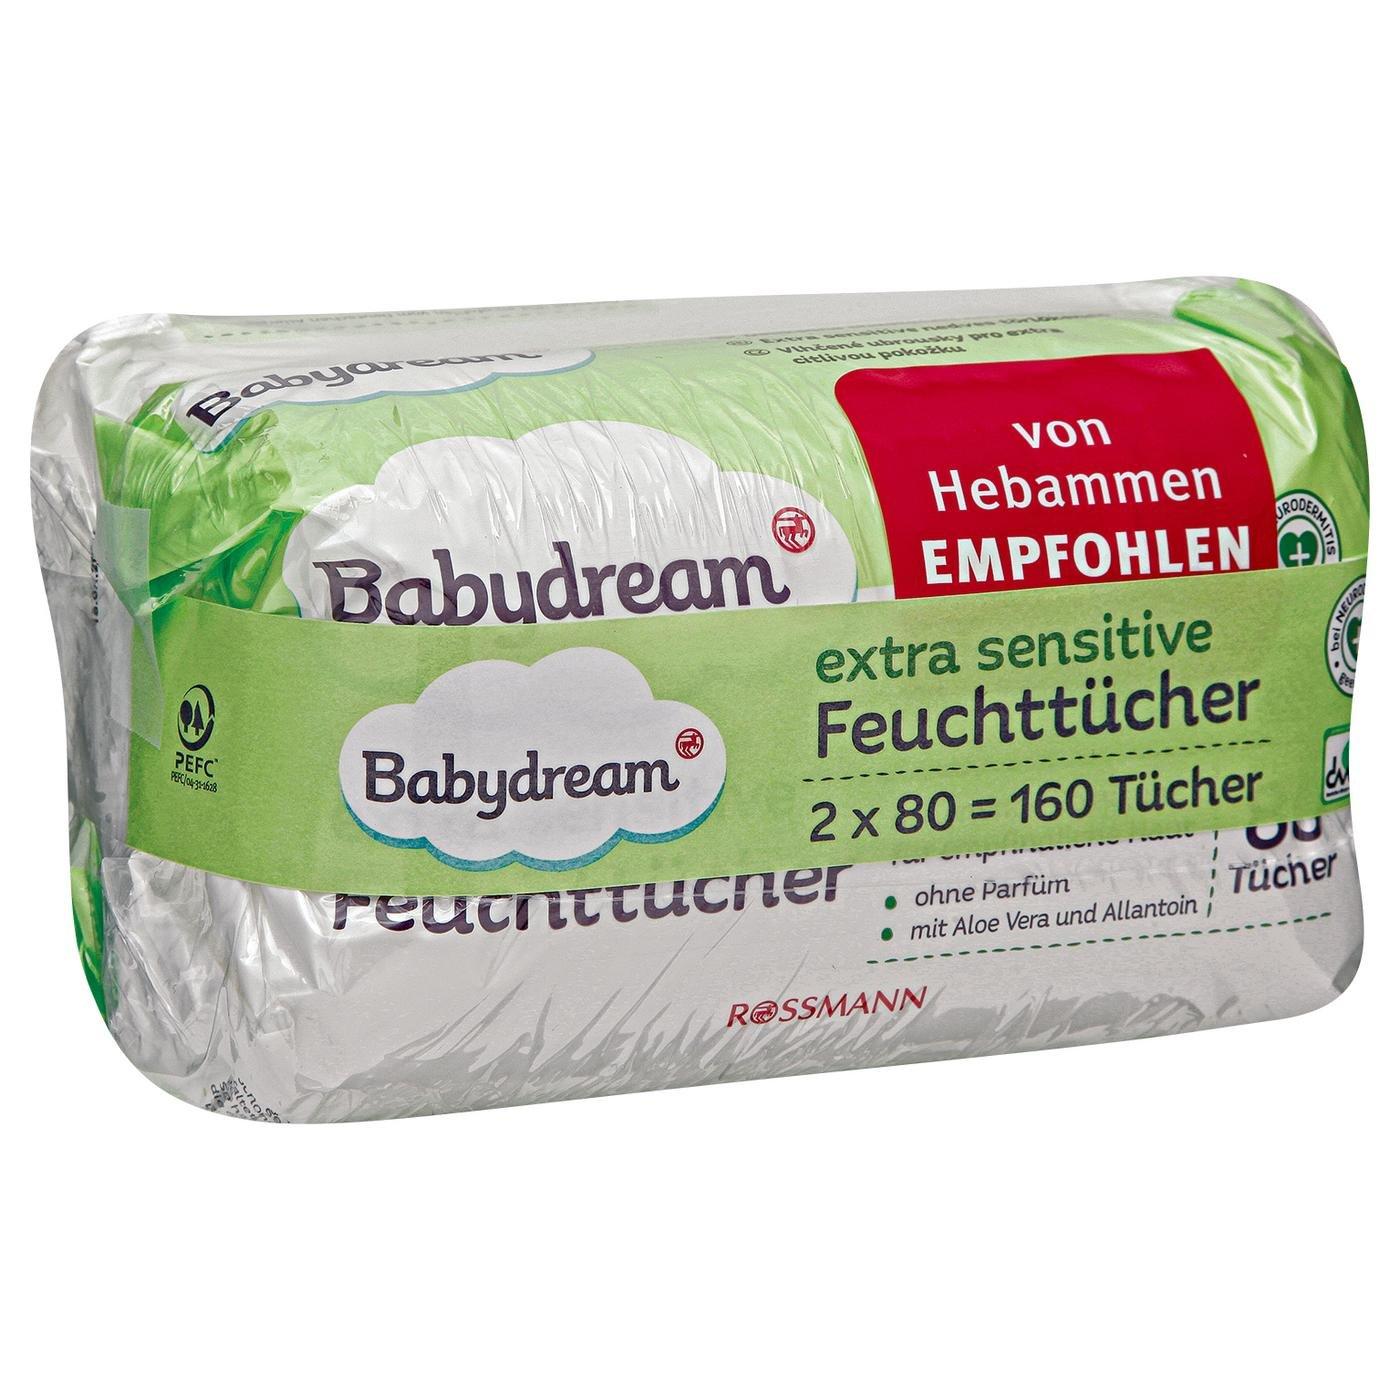 Baby Dream extra Sensitive Toallitas 160 unidades para pieles sensibles, limpieza, sin pafüm, con aloe vera & allantion, en neurodermitis.